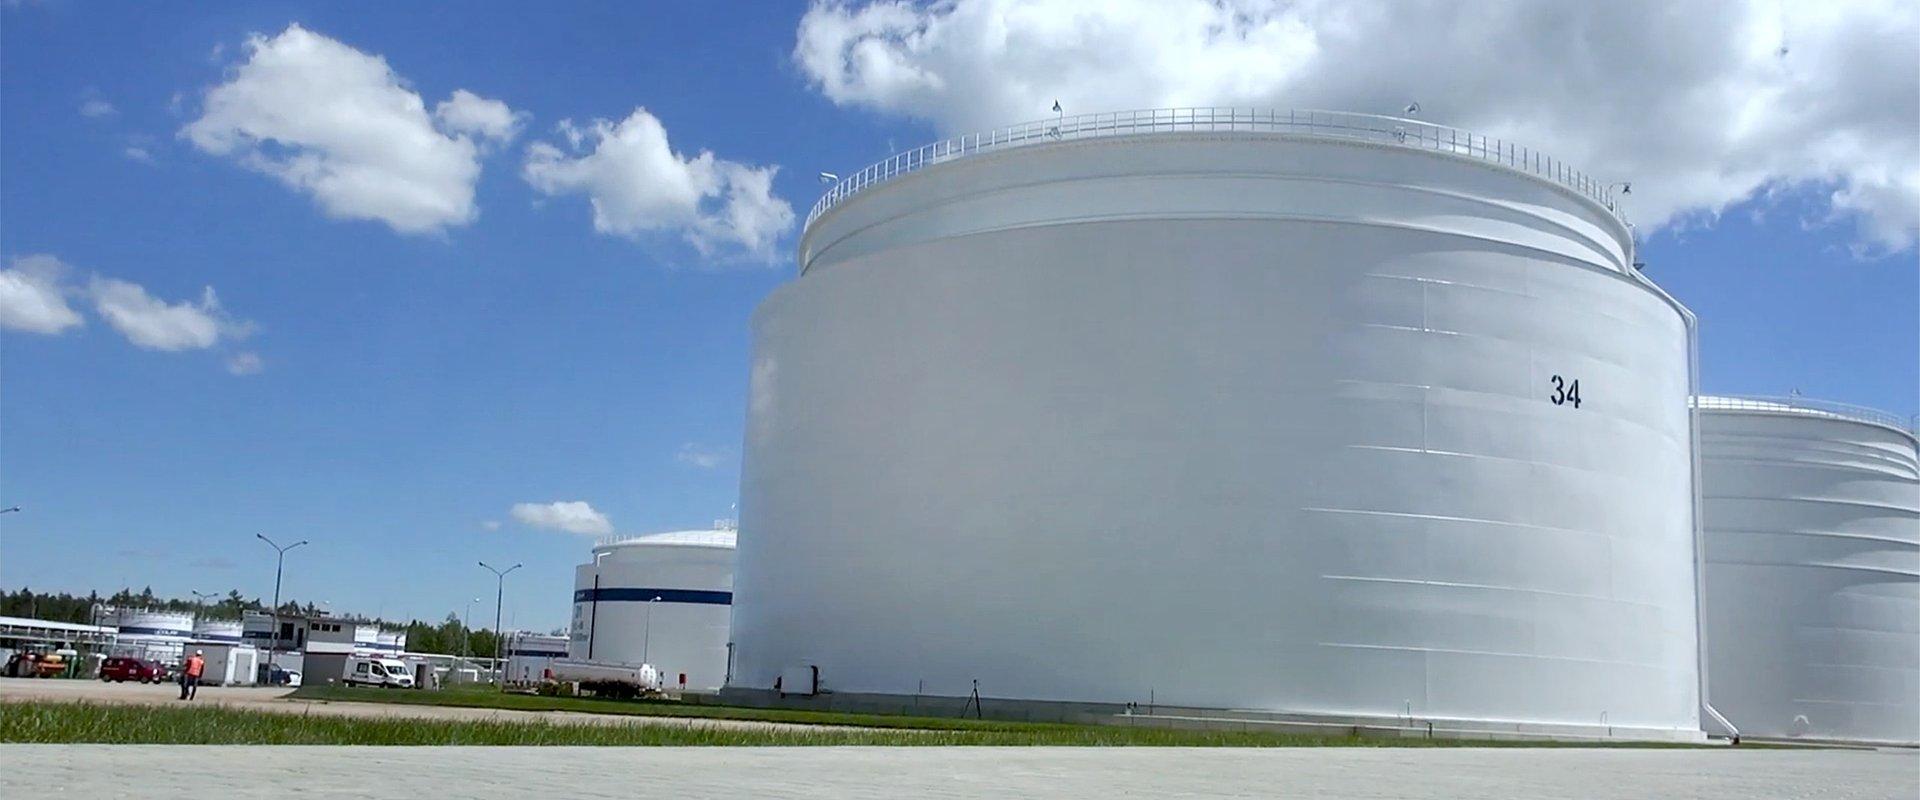 Przewoźnicy odbierający paliwo w bazach PERN wskażą dogodną dla siebie godzinę odbioru